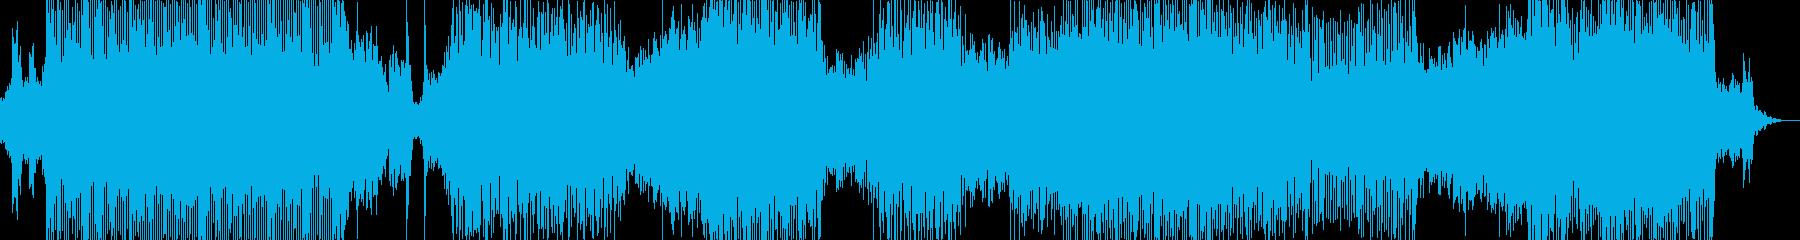 クールでアクティブなトランスチューンの再生済みの波形